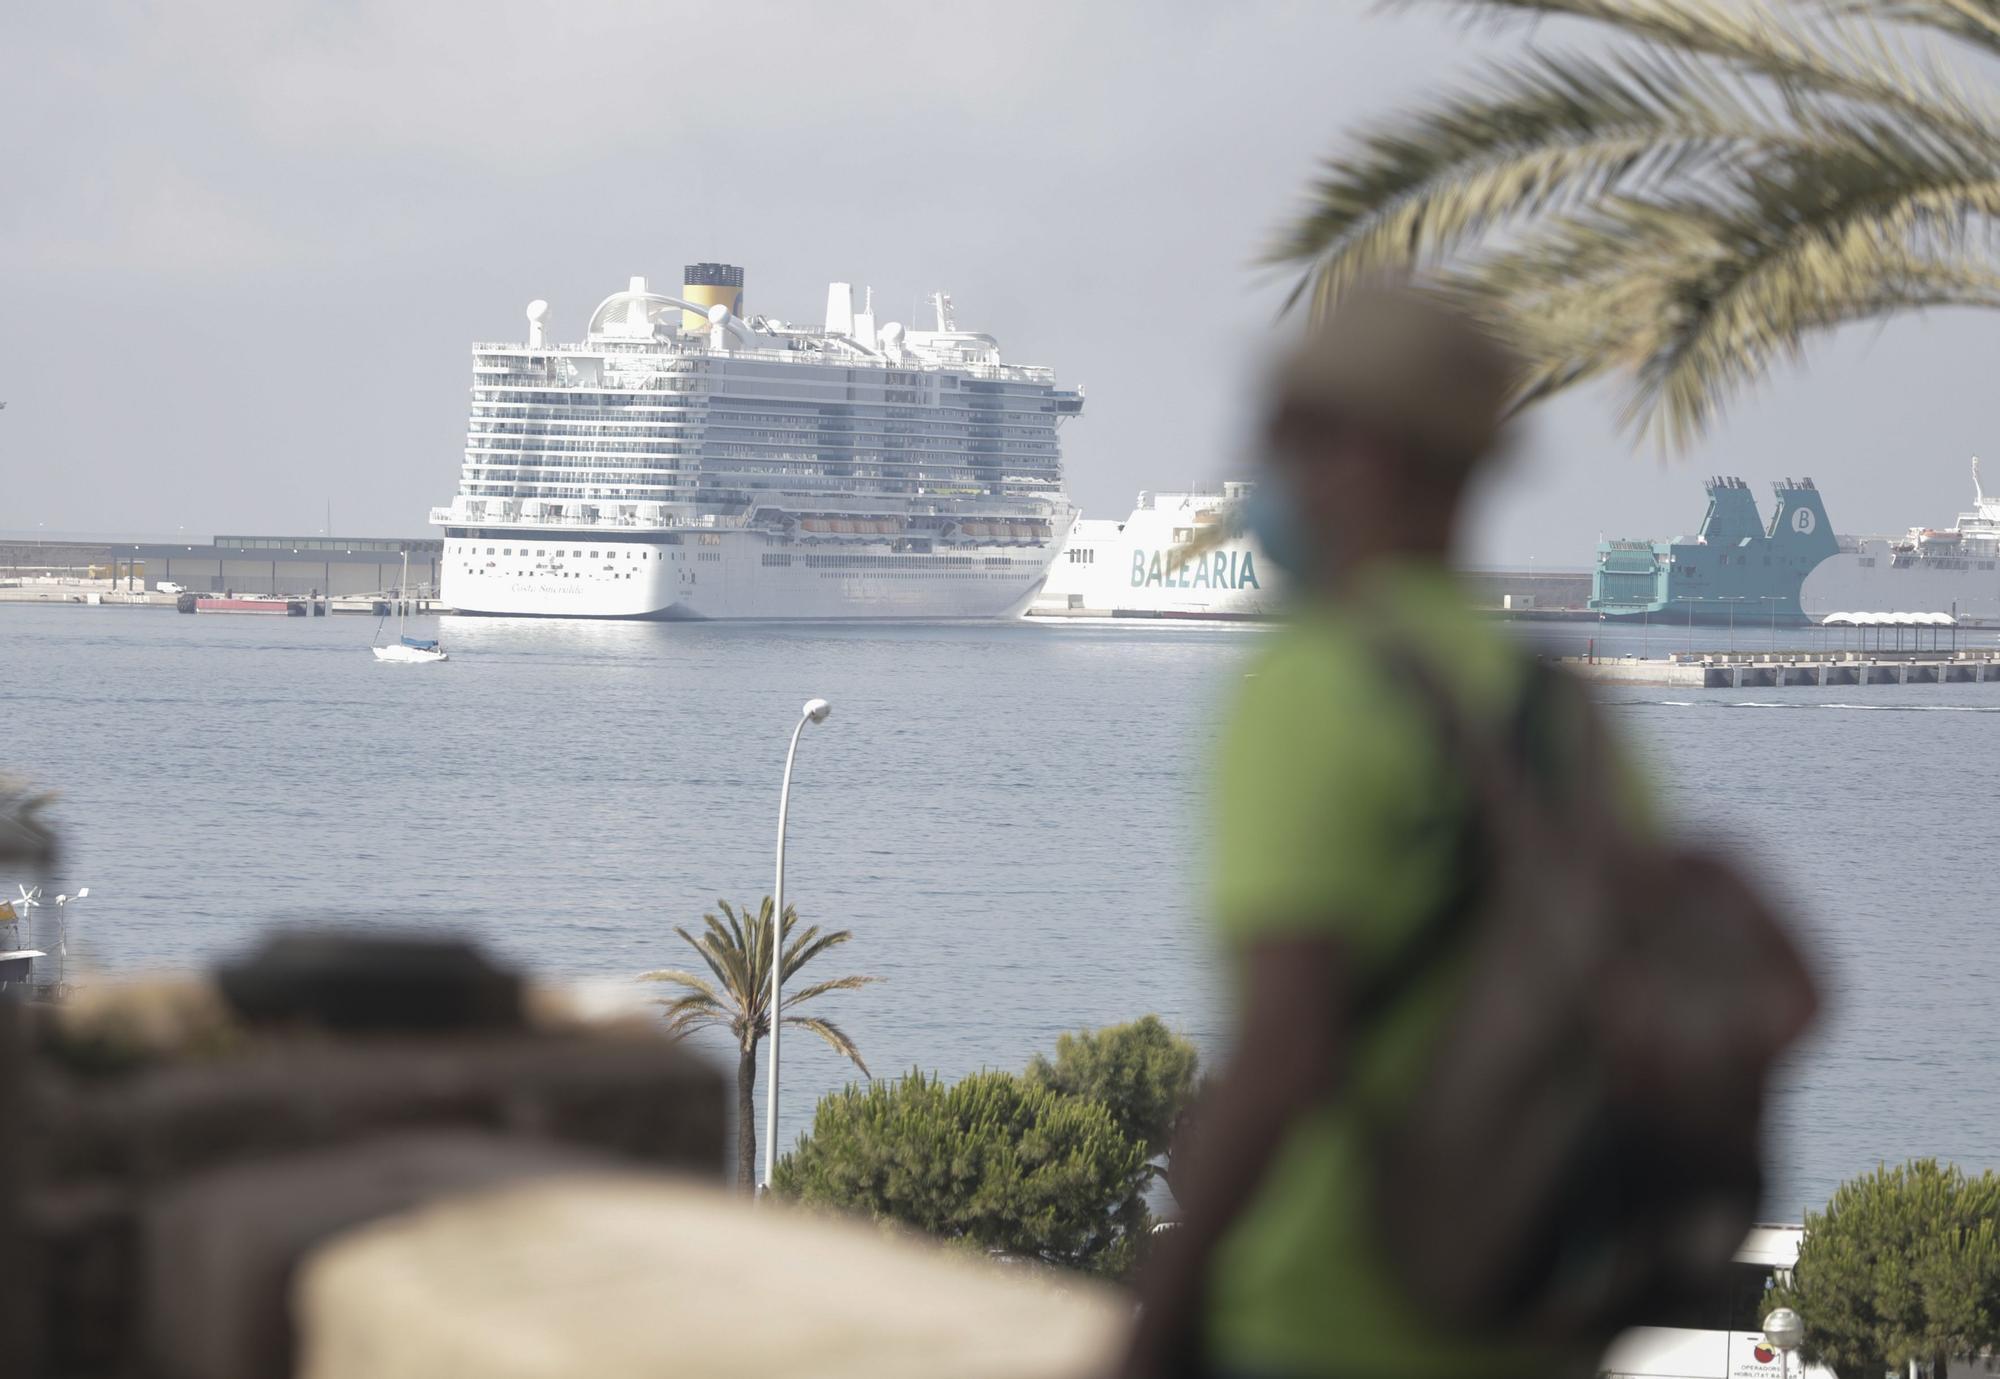 El 'Costa Smeralda' llega a Palma